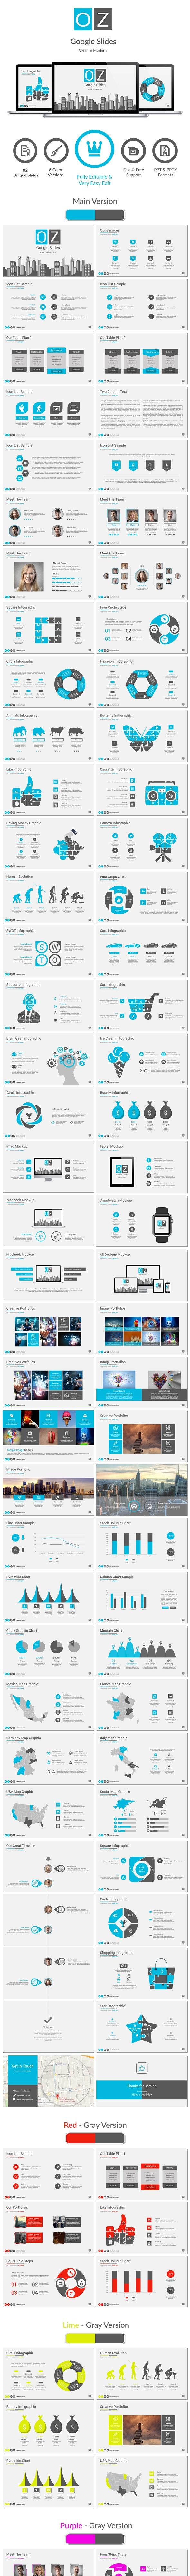 OZ Google Slides - Google Slides Presentation Templates